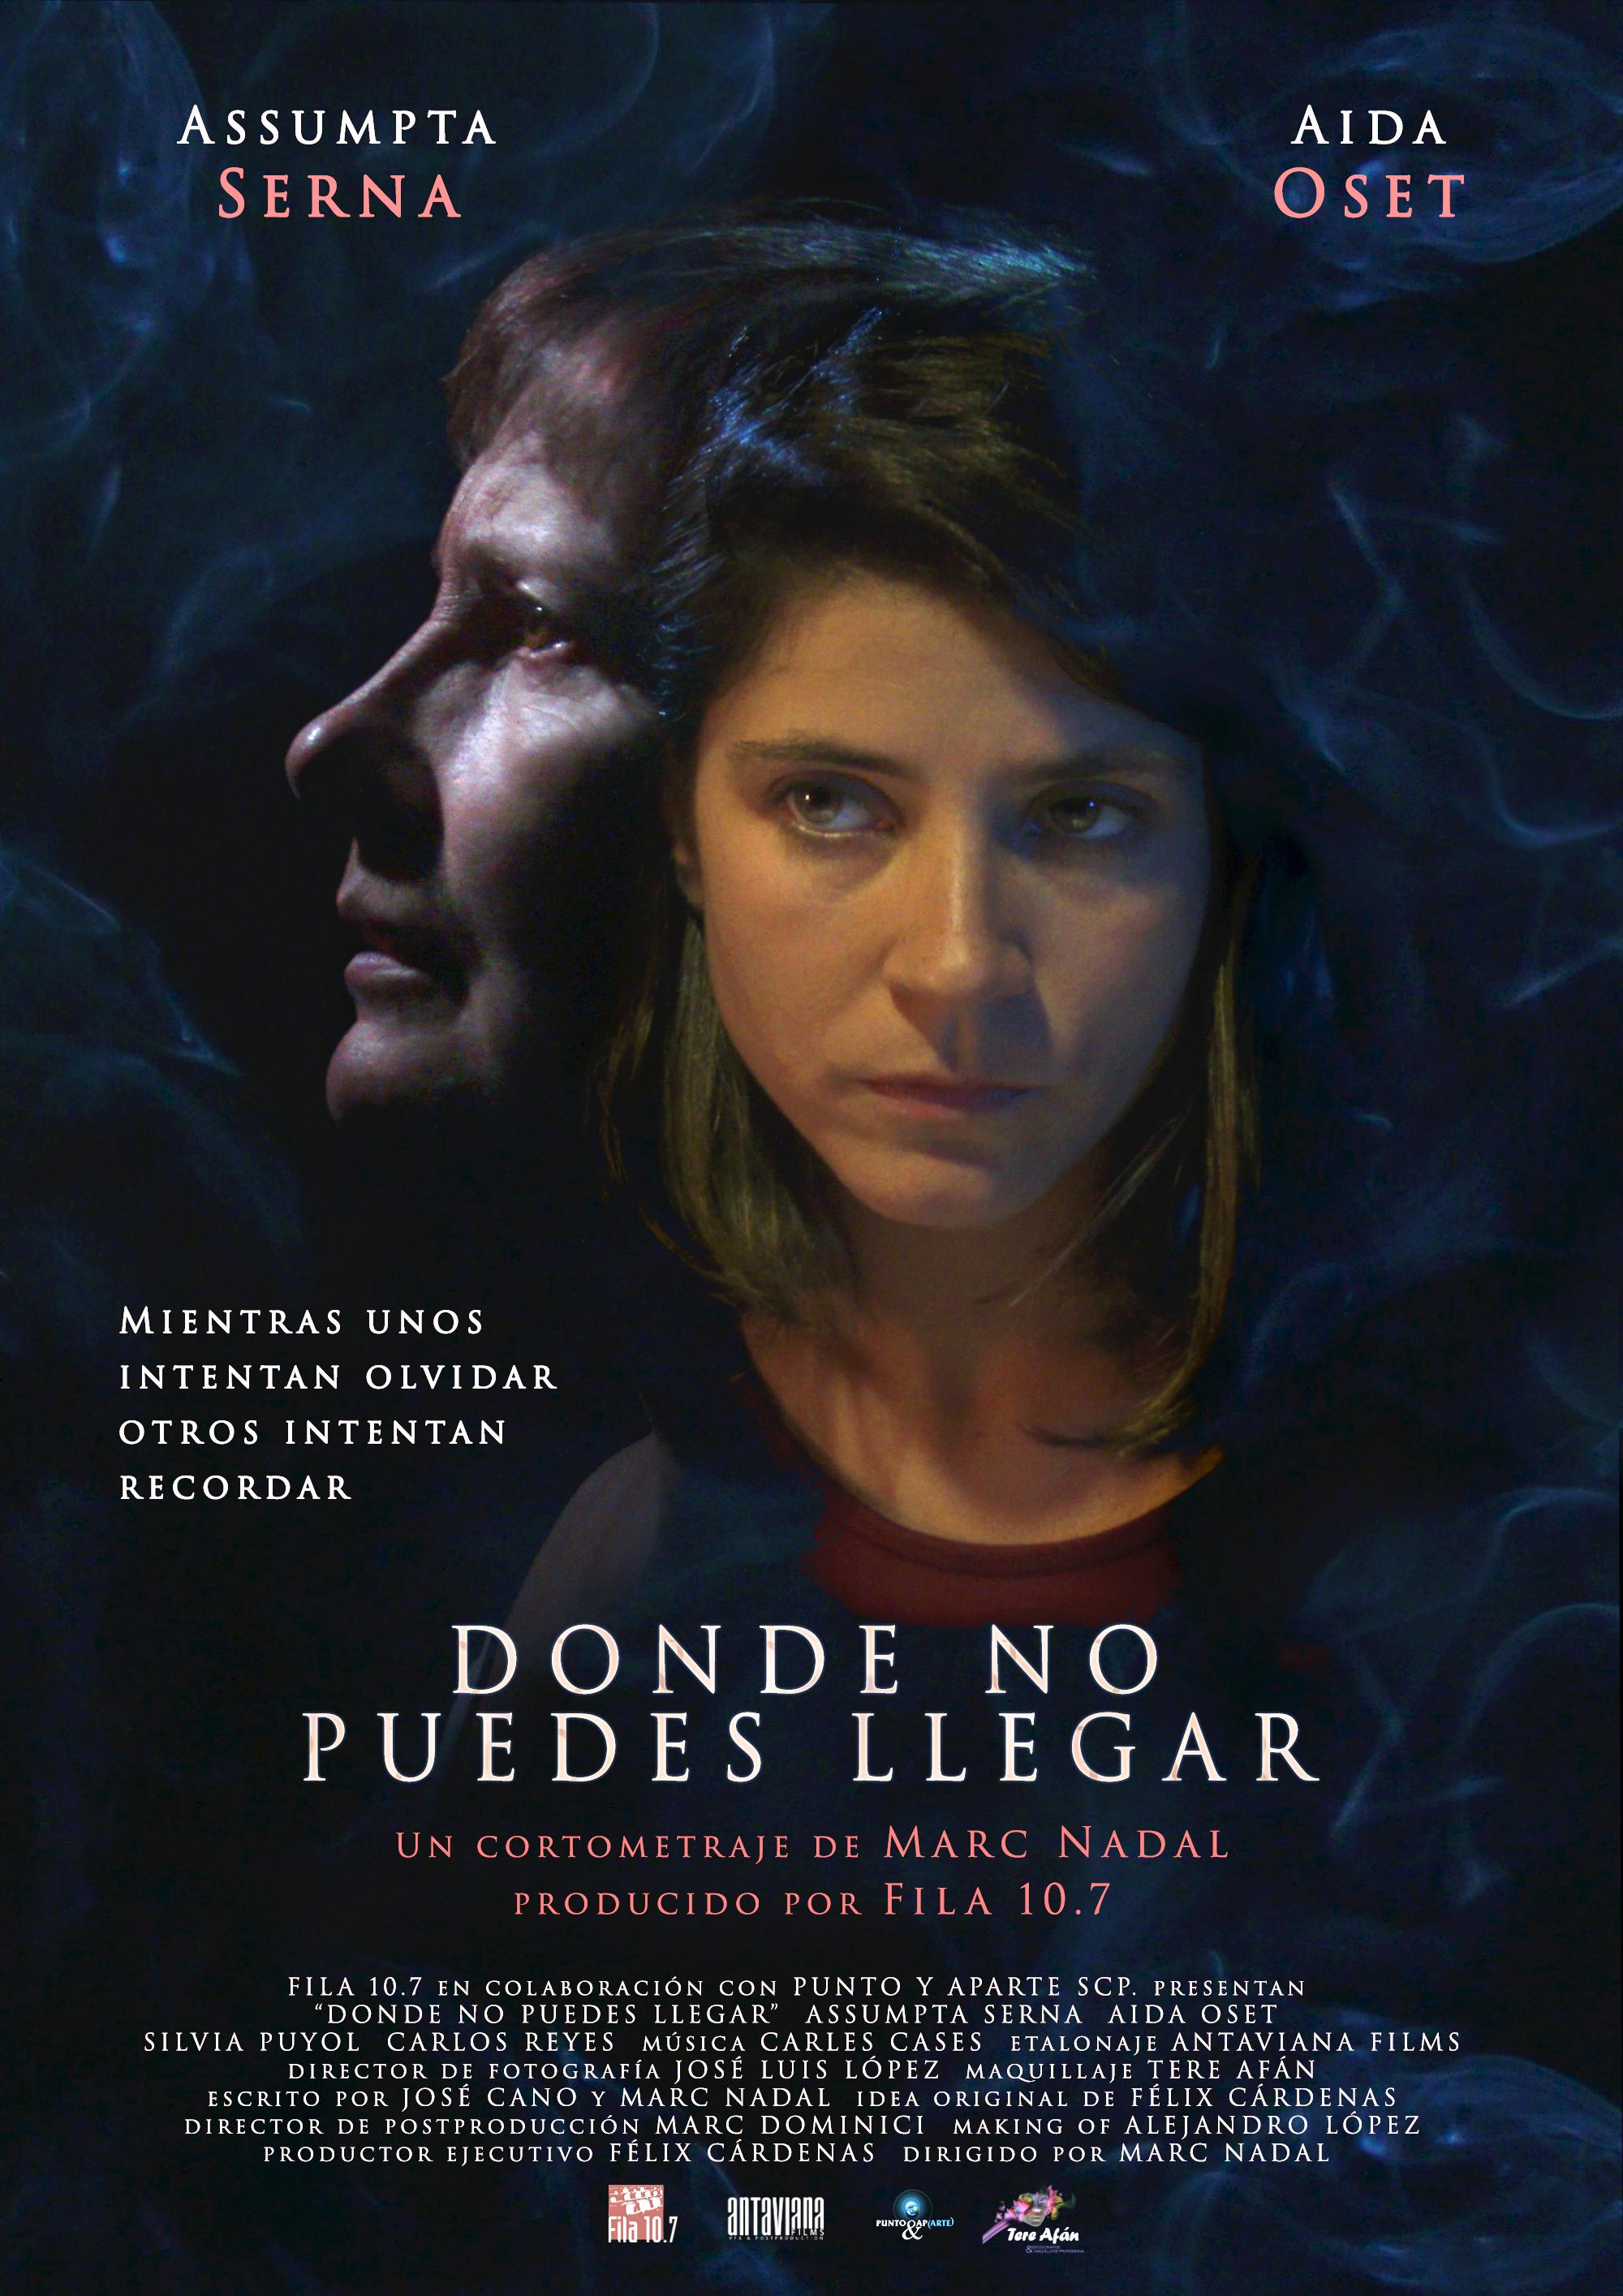 Donde no puedes llegar cortometraje de Marc Nadal con Assumpta Serna y Aida Oset Alzheimer